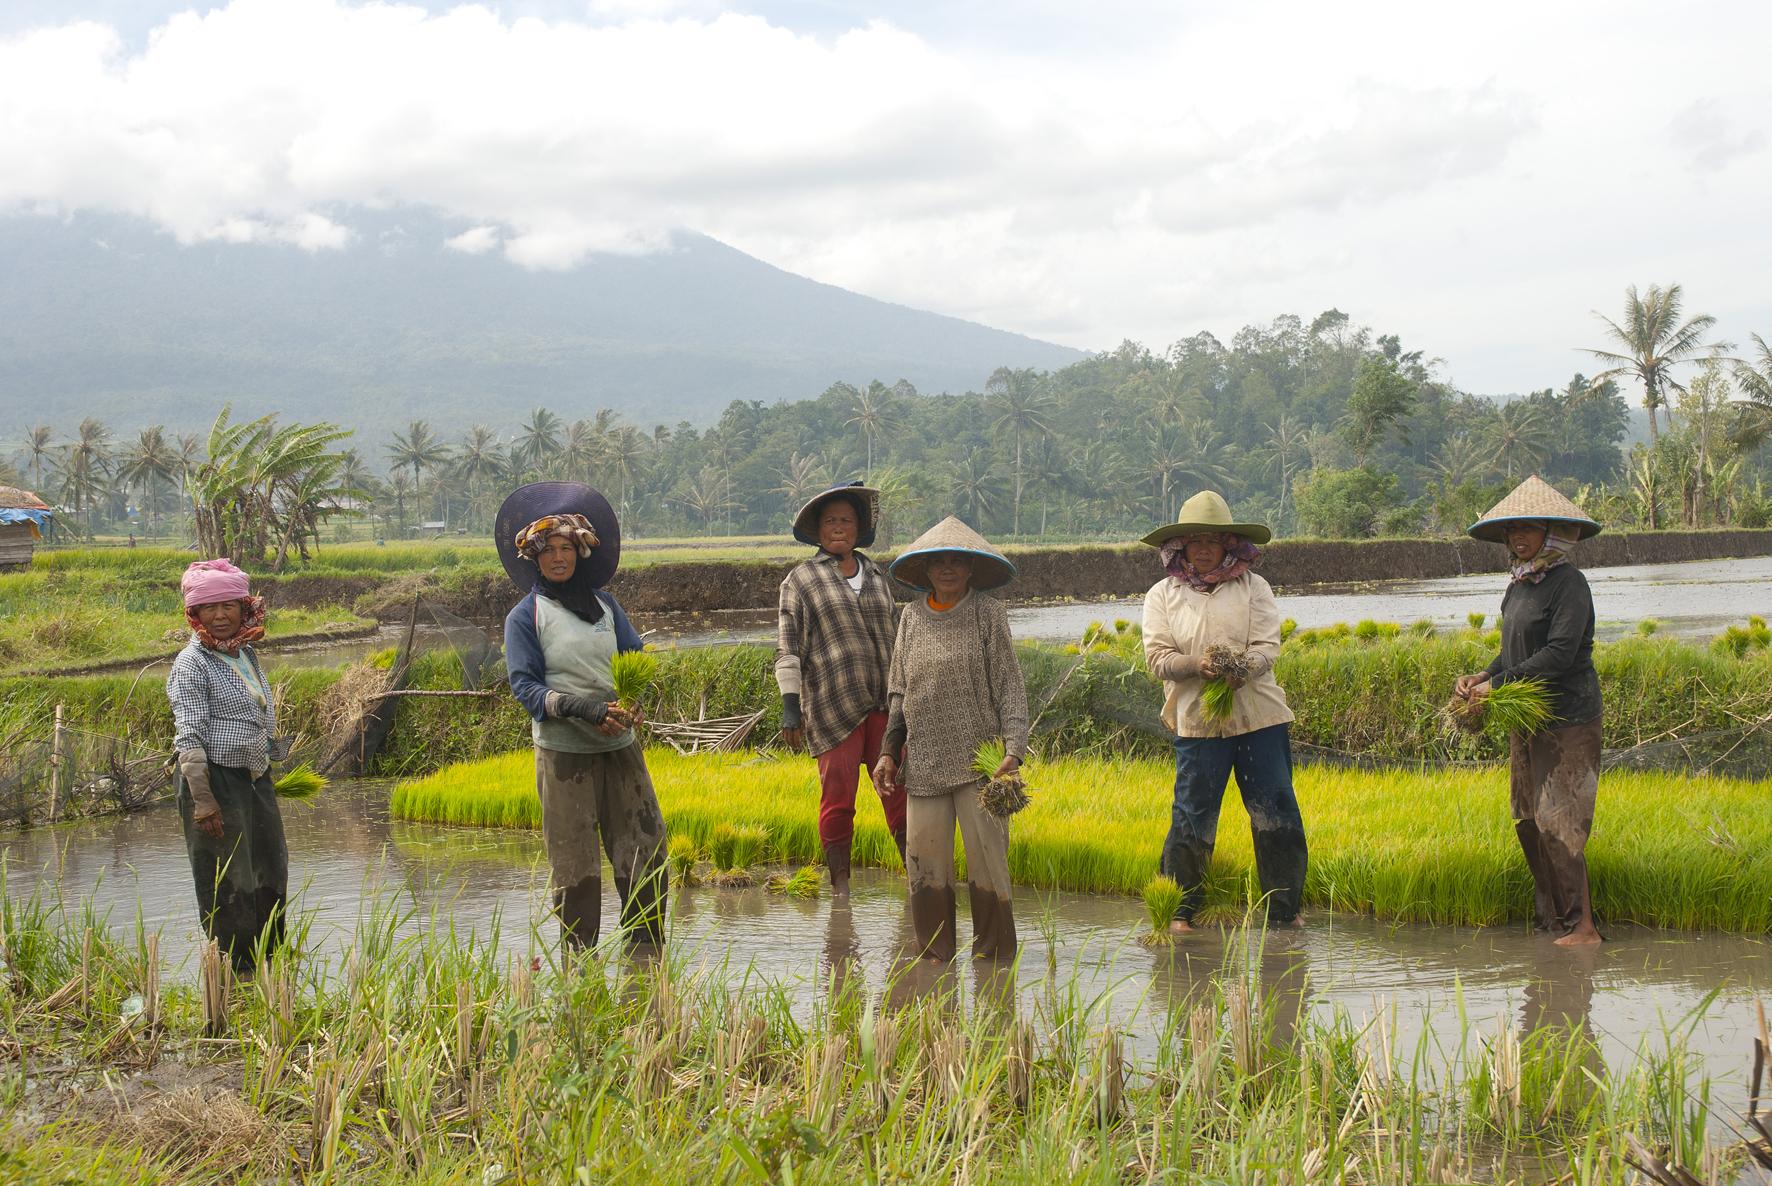 Camperoles en la vessant del mont Merapi.